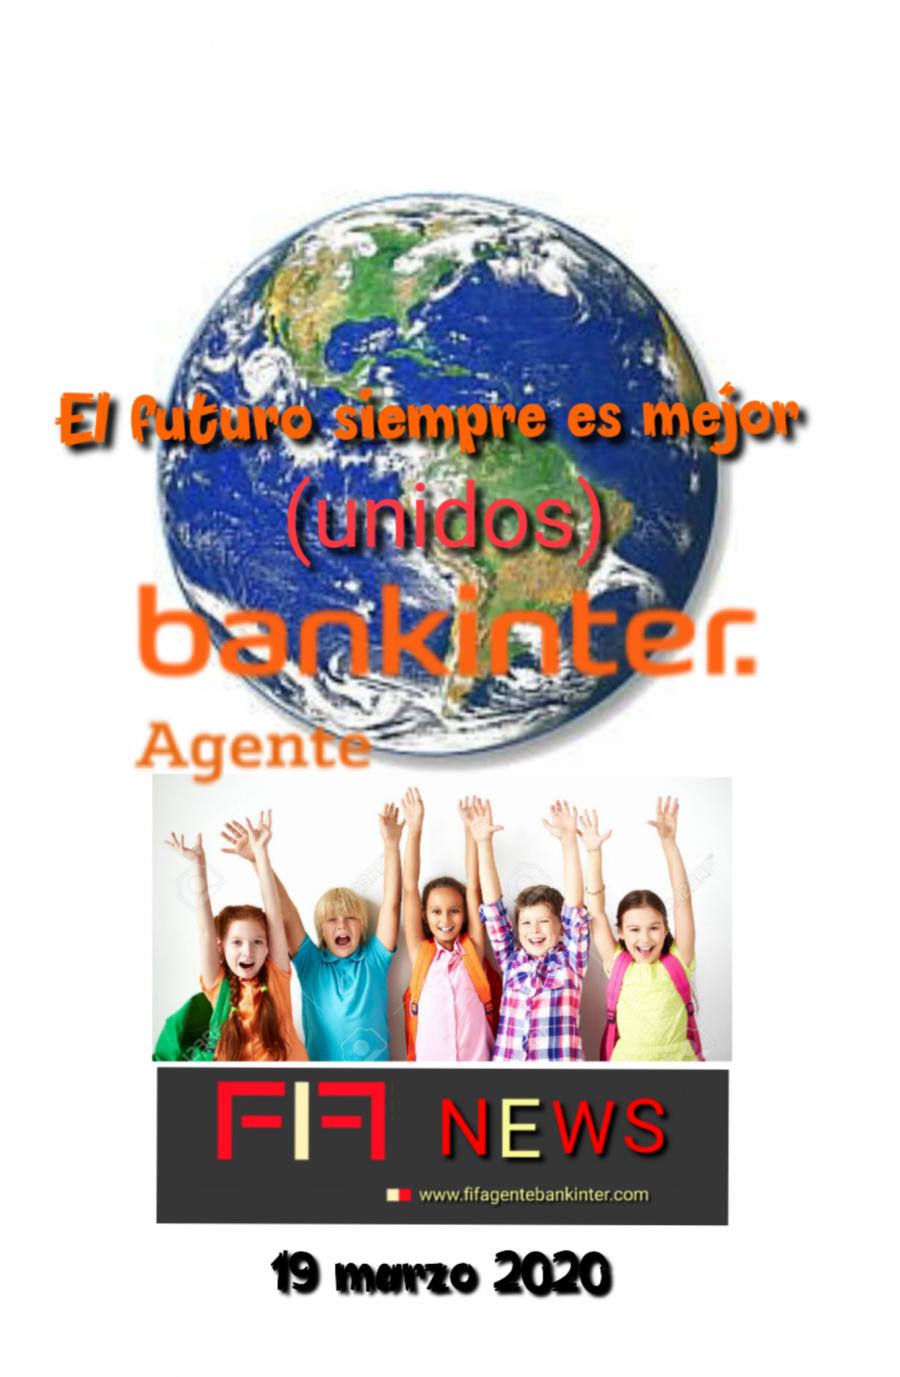 """FIF NEWS 19 marzo 2020:                """"El futuro siempre es mejor"""""""